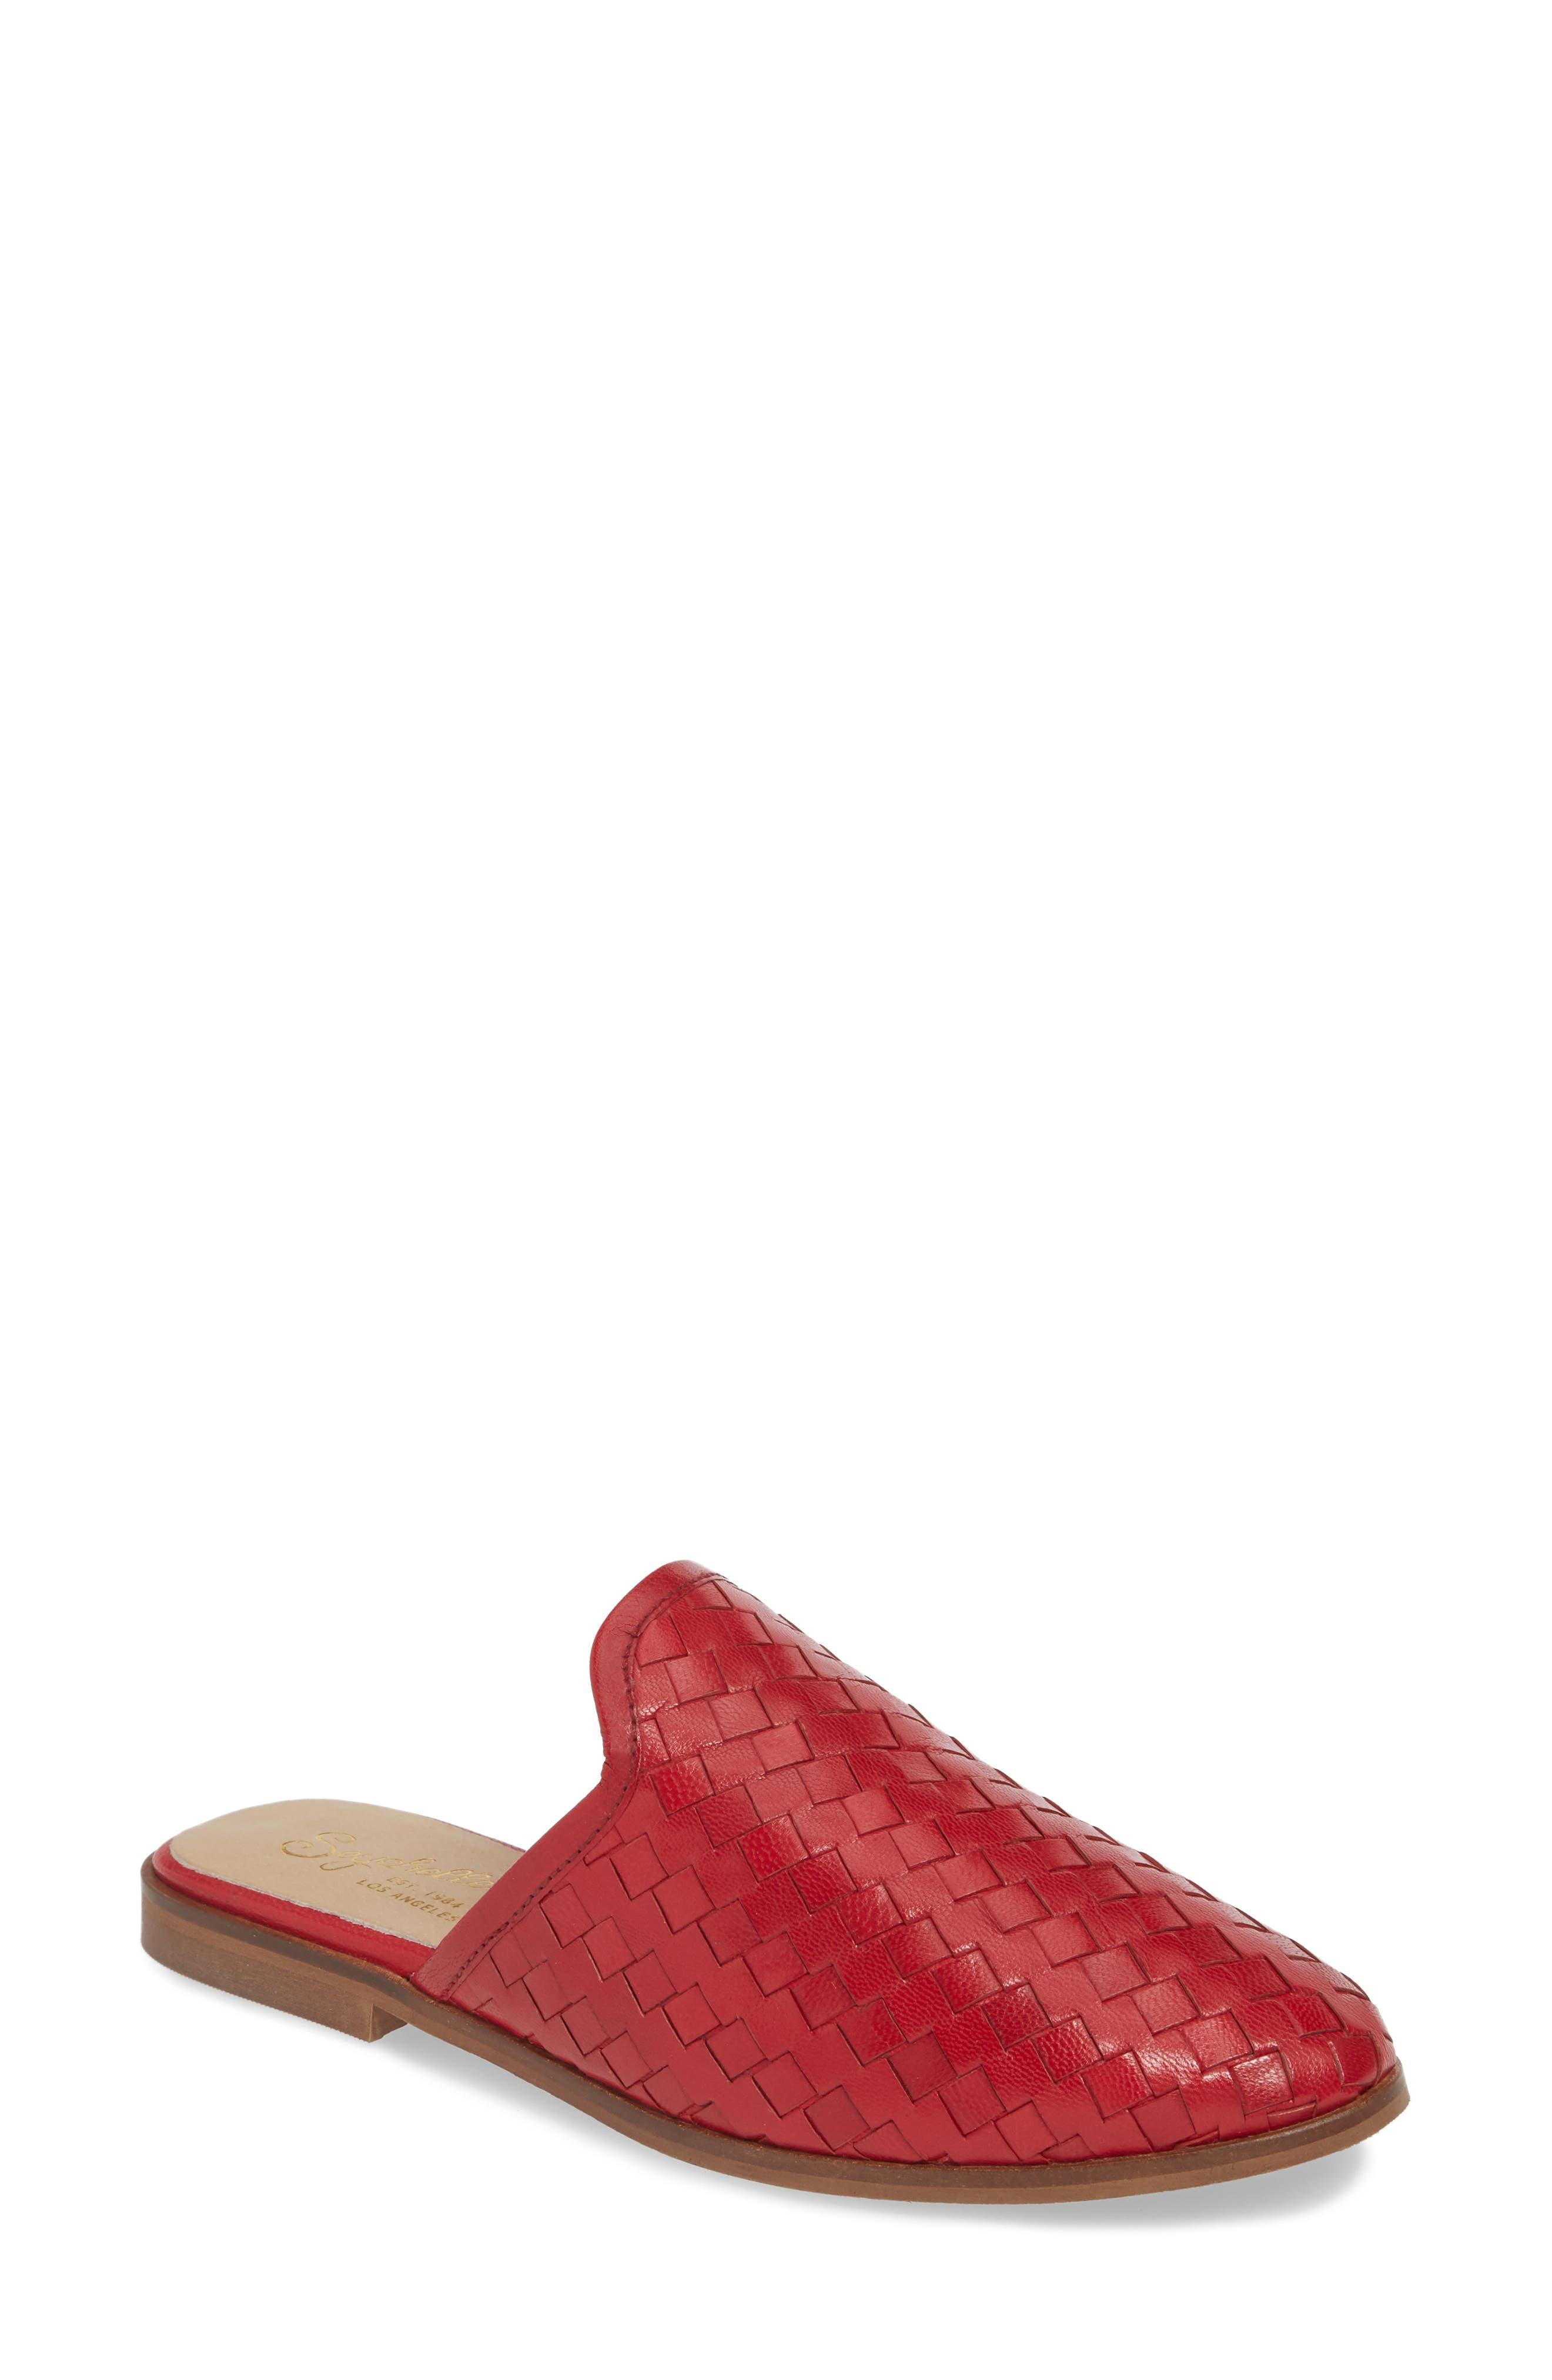 Seychelles Knickknack Woven Loafer Mule, Red